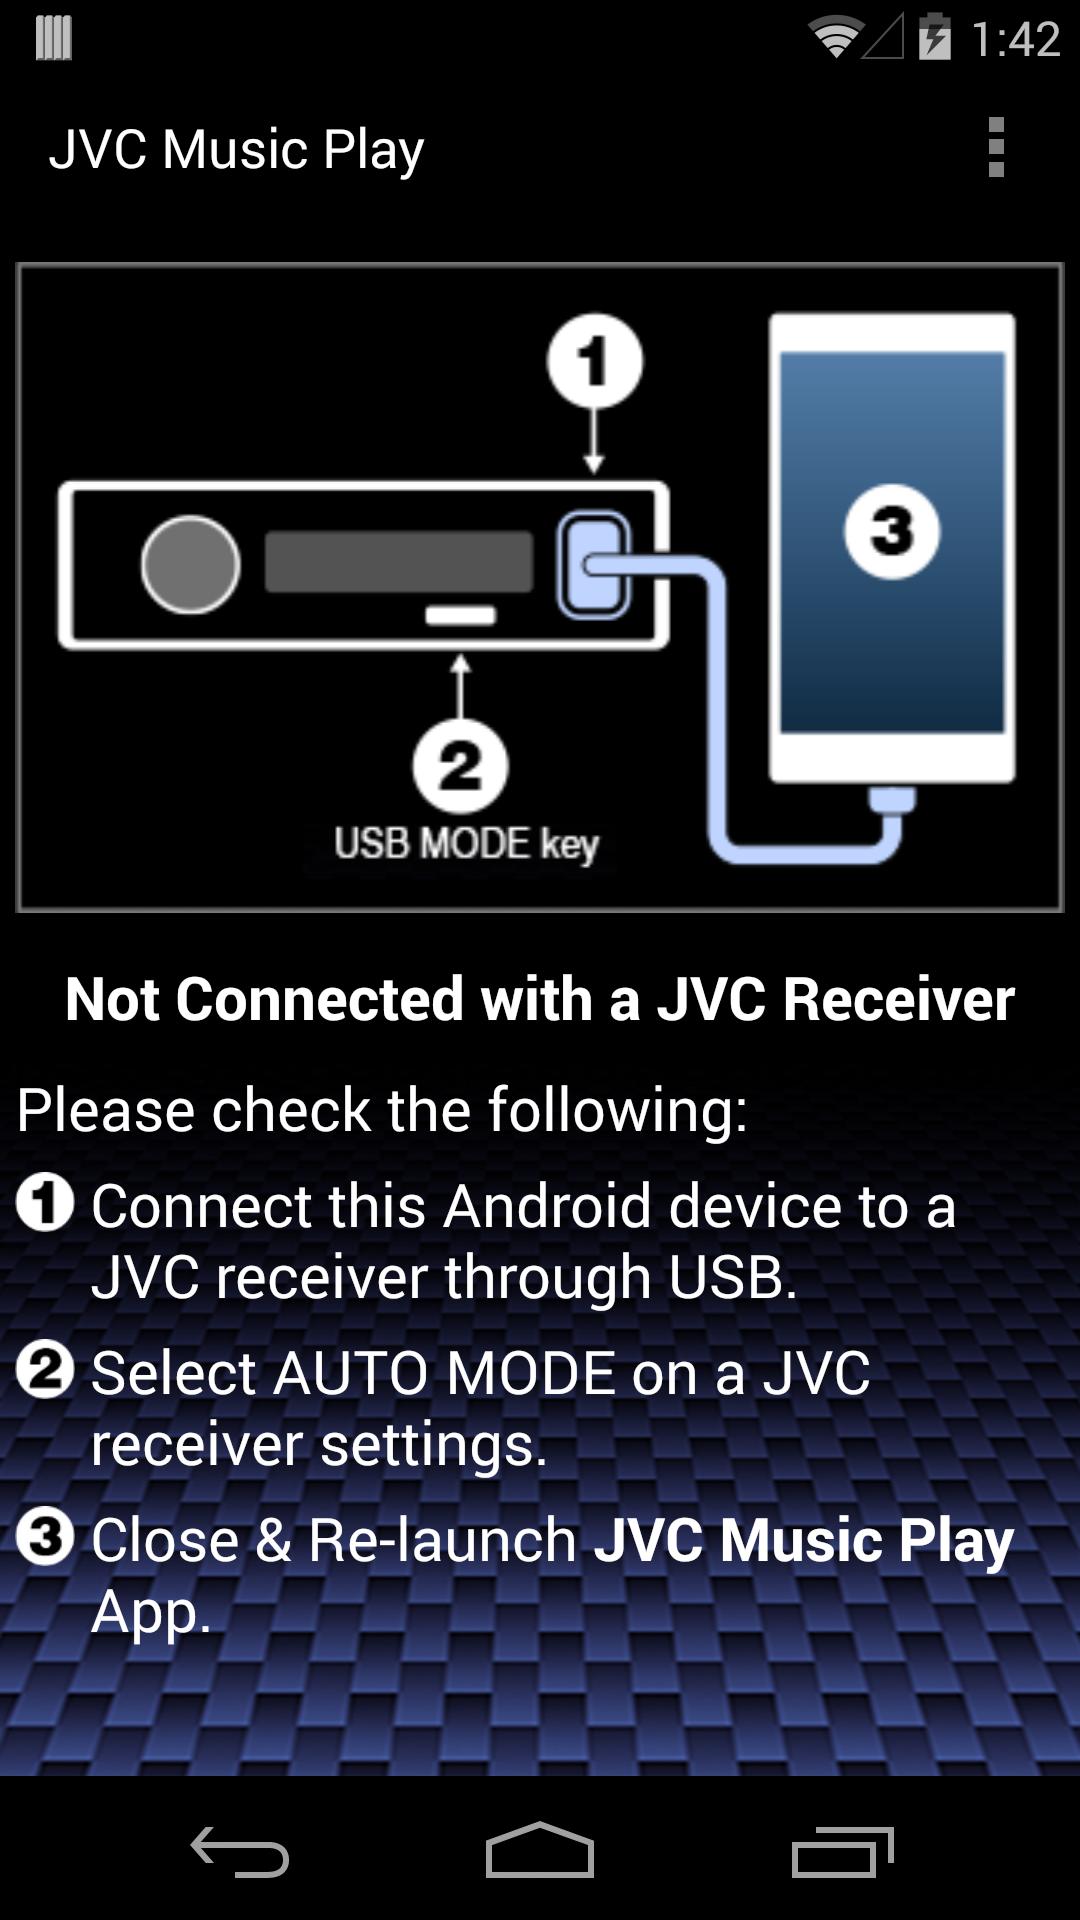 JVC Music Play | JVC